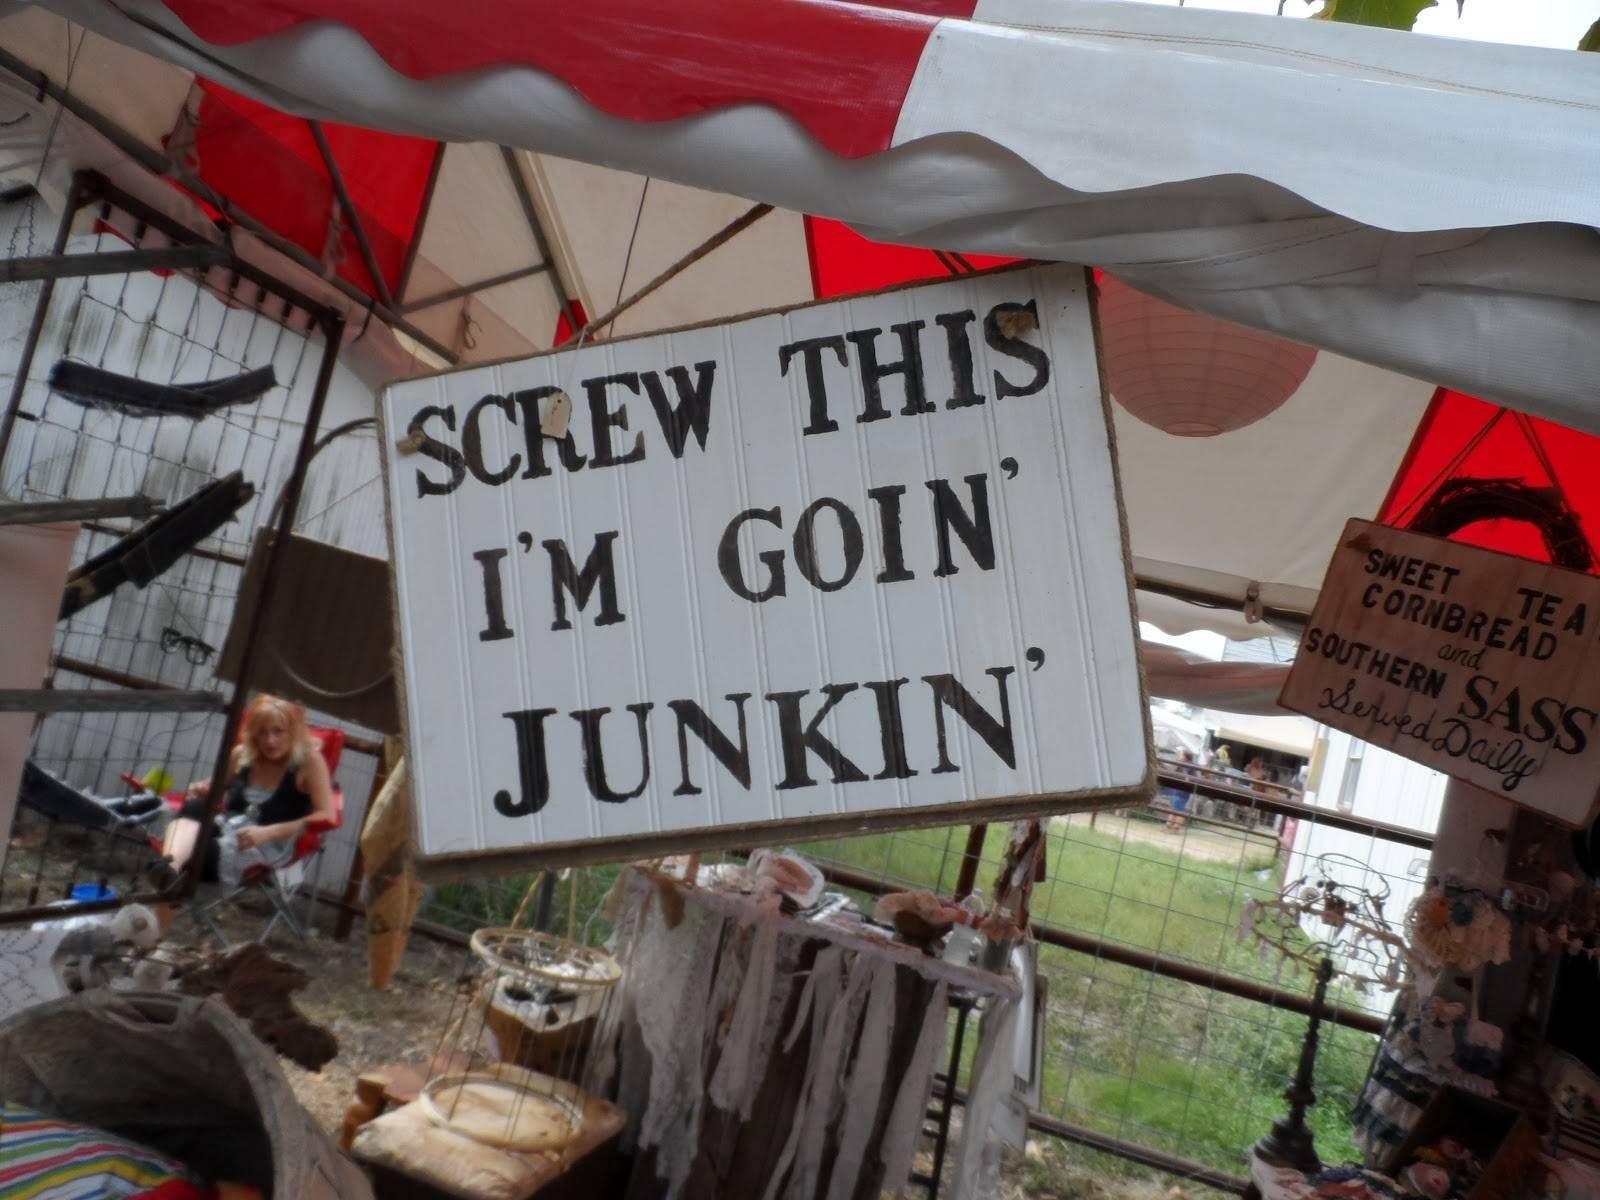 Janettefuller Texas Antique Weekend Warrenton